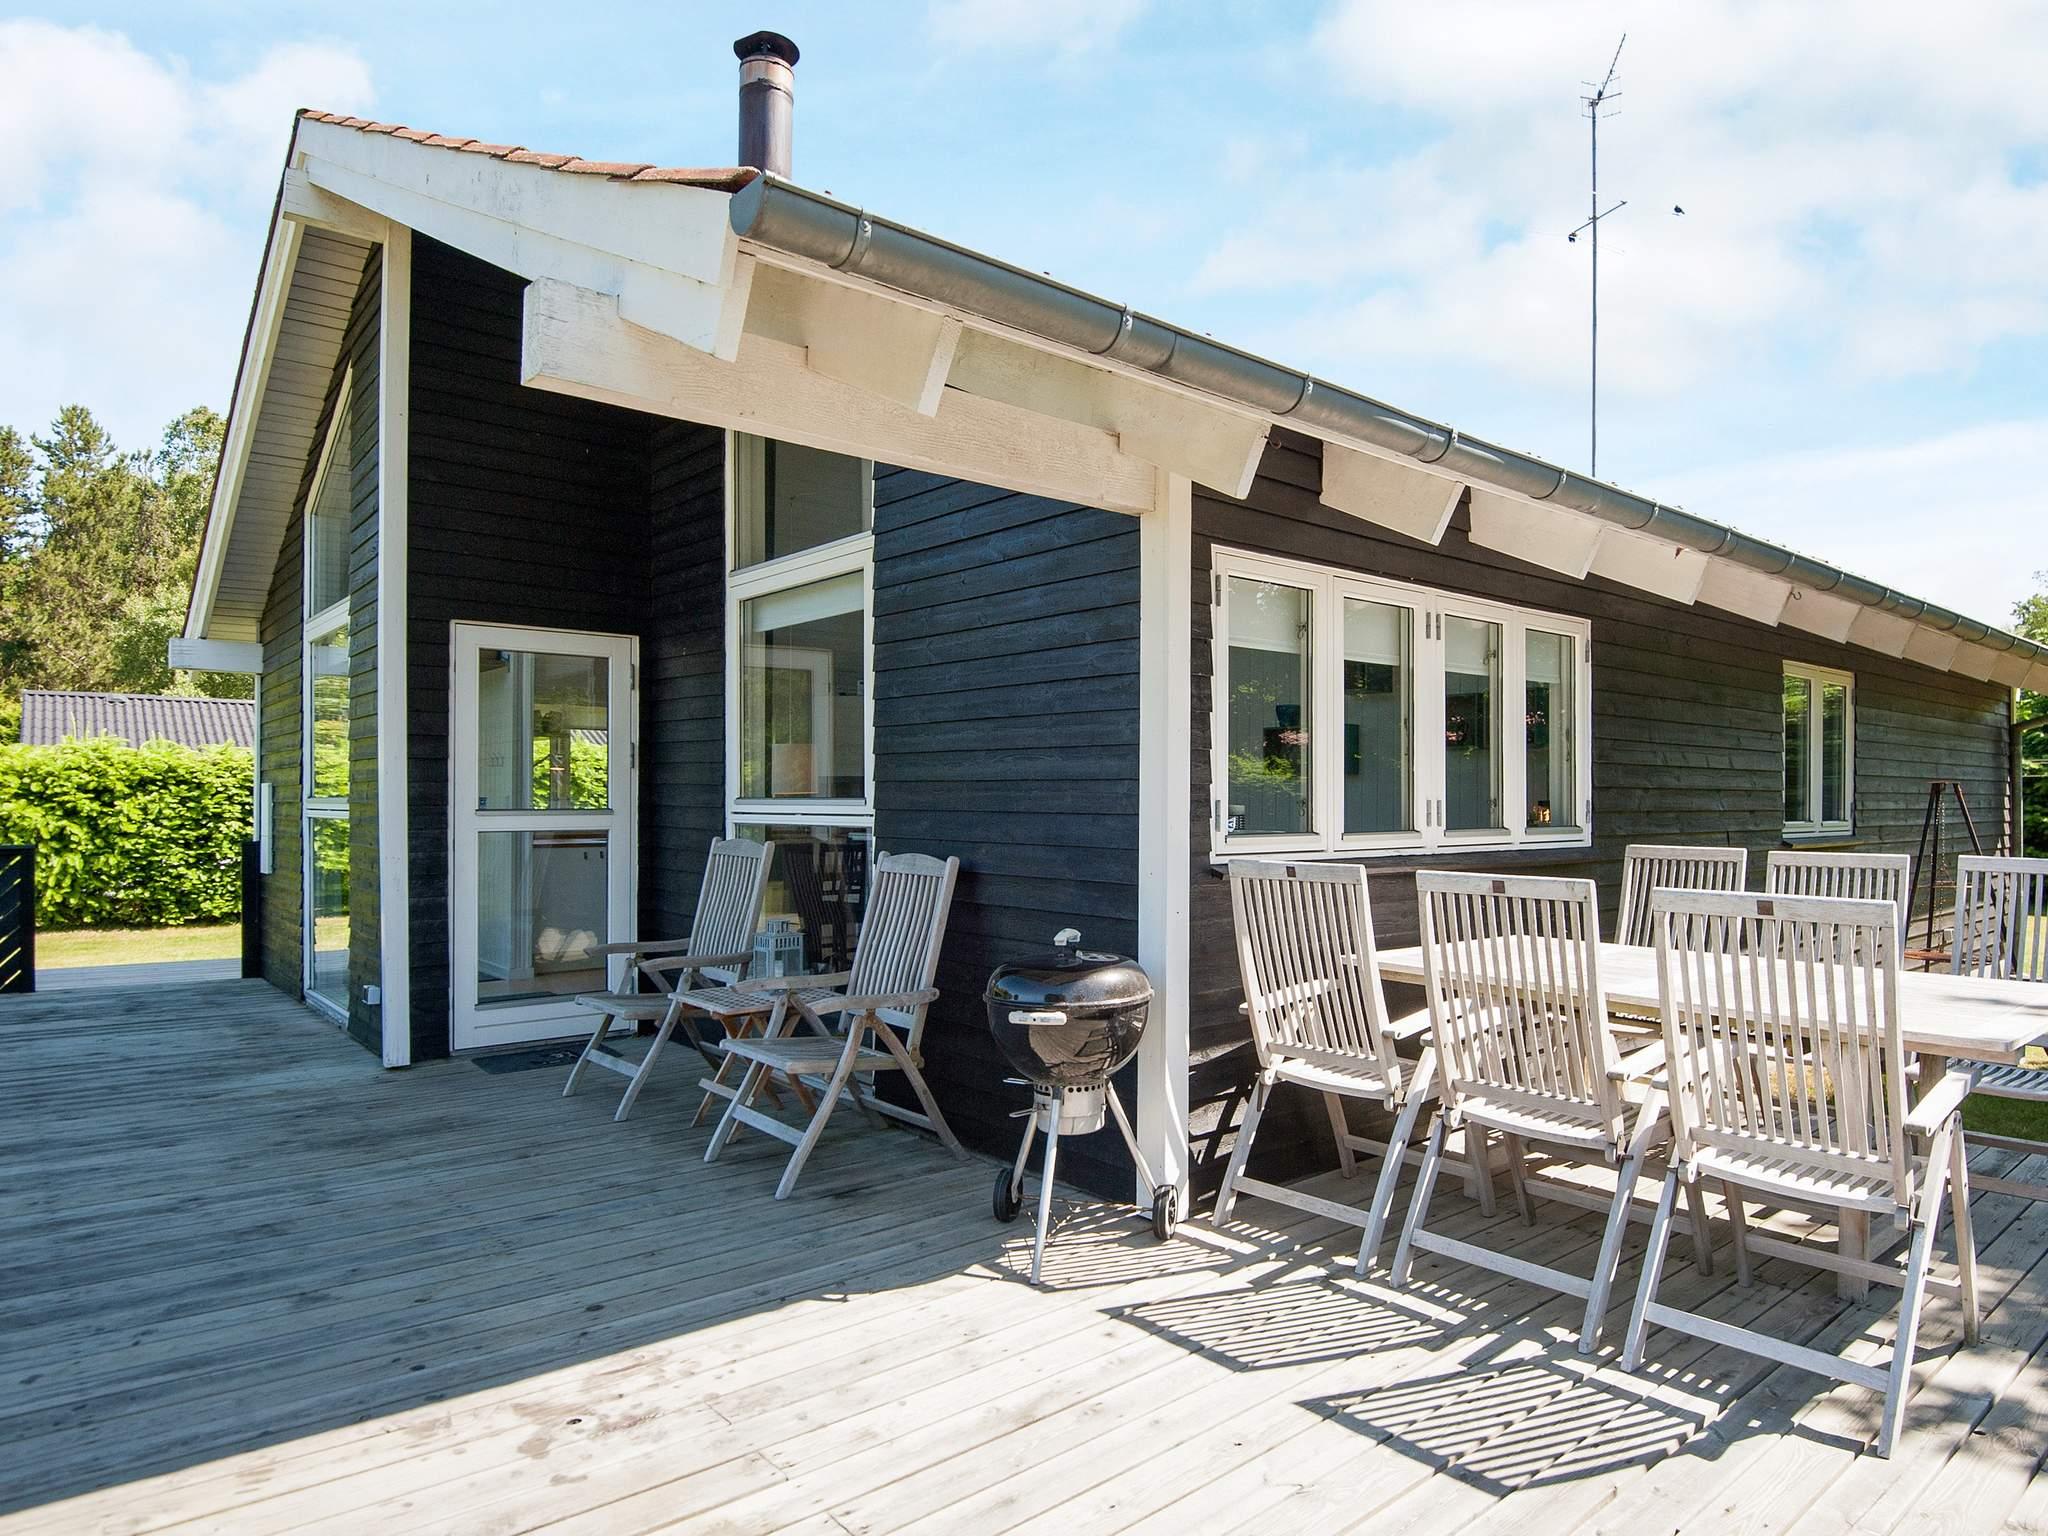 6 persoons vakantiehuis in Gjerrild Nordstrand